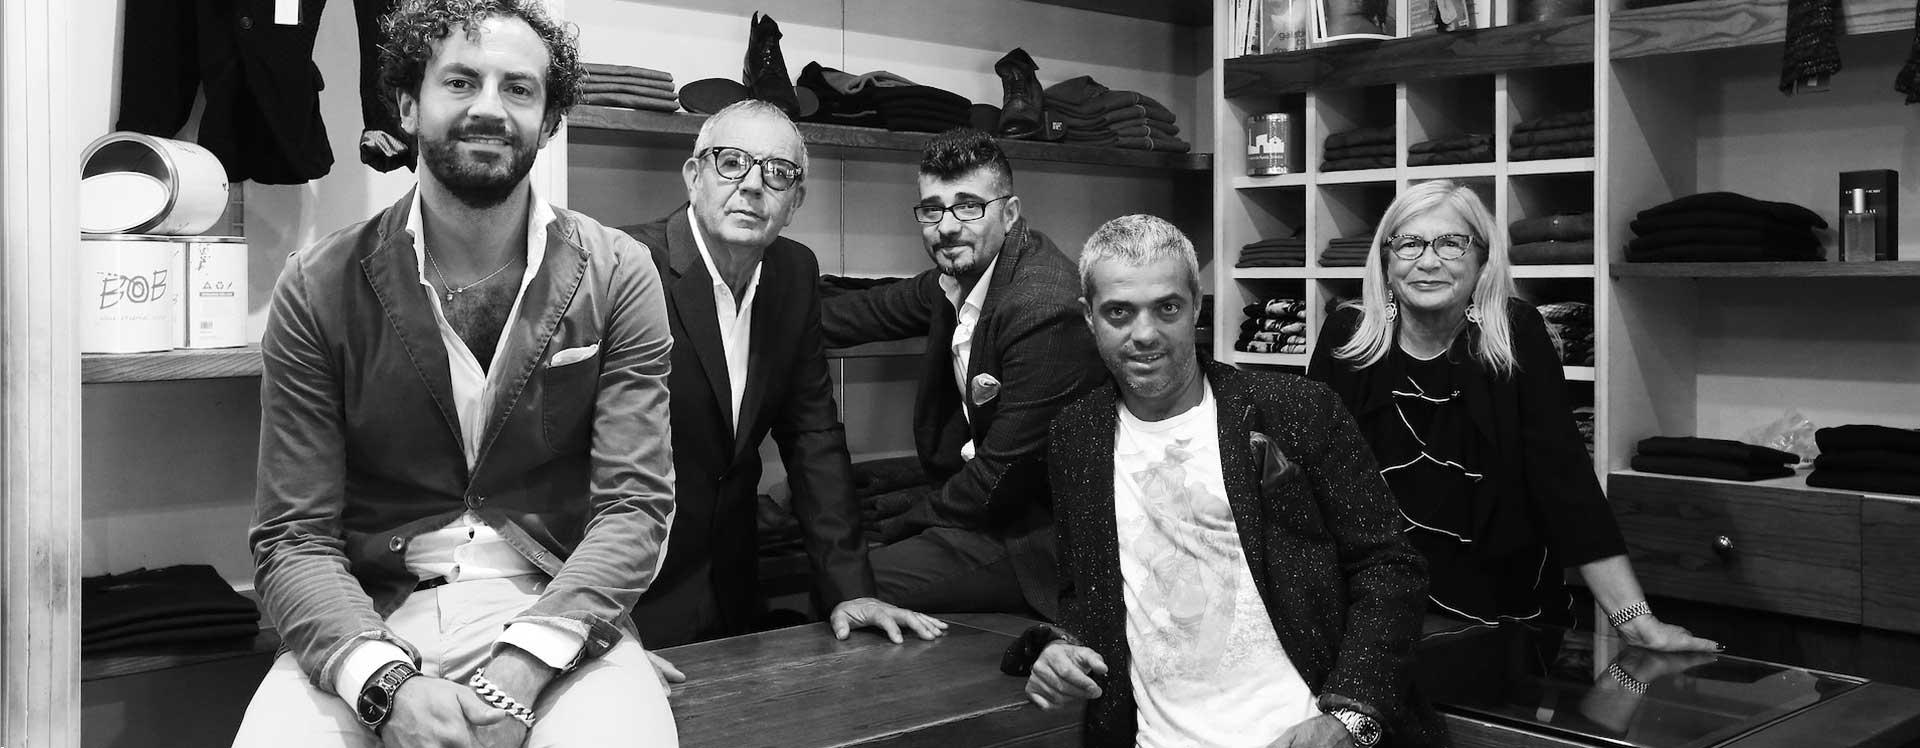 negozio-abbigliamento-uomo-Prato